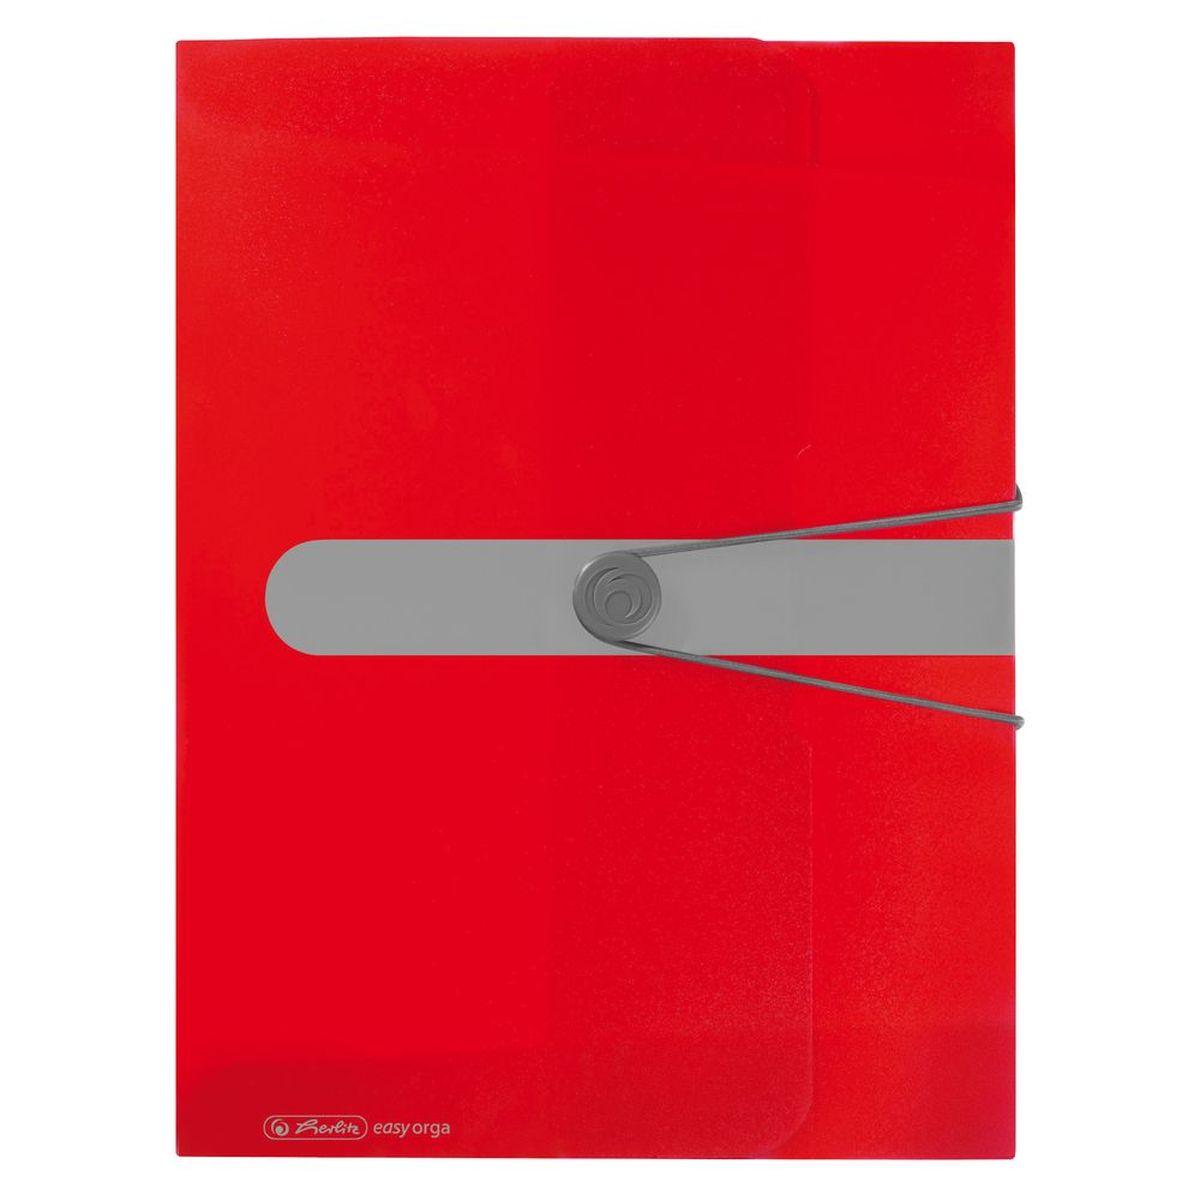 Herlitz Папка-конверт Easy orga to go цвет красный11206158Папка-конверт Herlitz Easy orga to go станет вашим верным помощником дома и в офисе.Это удобный и функциональный инструмент, предназначенный для хранения и транспортировки больших объемов рабочих бумаг и документов формата А4. Папка изготовлена из износостойкого пластика и качественного полипропилена. Состоит из одного вместительного отделения. Закрывается папка при помощи резинки, а на корешке папки есть ярлычок.Папка - это незаменимый атрибут для любого студента, школьника или офисного работника. Такая папка надежно сохранит ваши бумаги и сбережет их от повреждений, пыли и влаги.